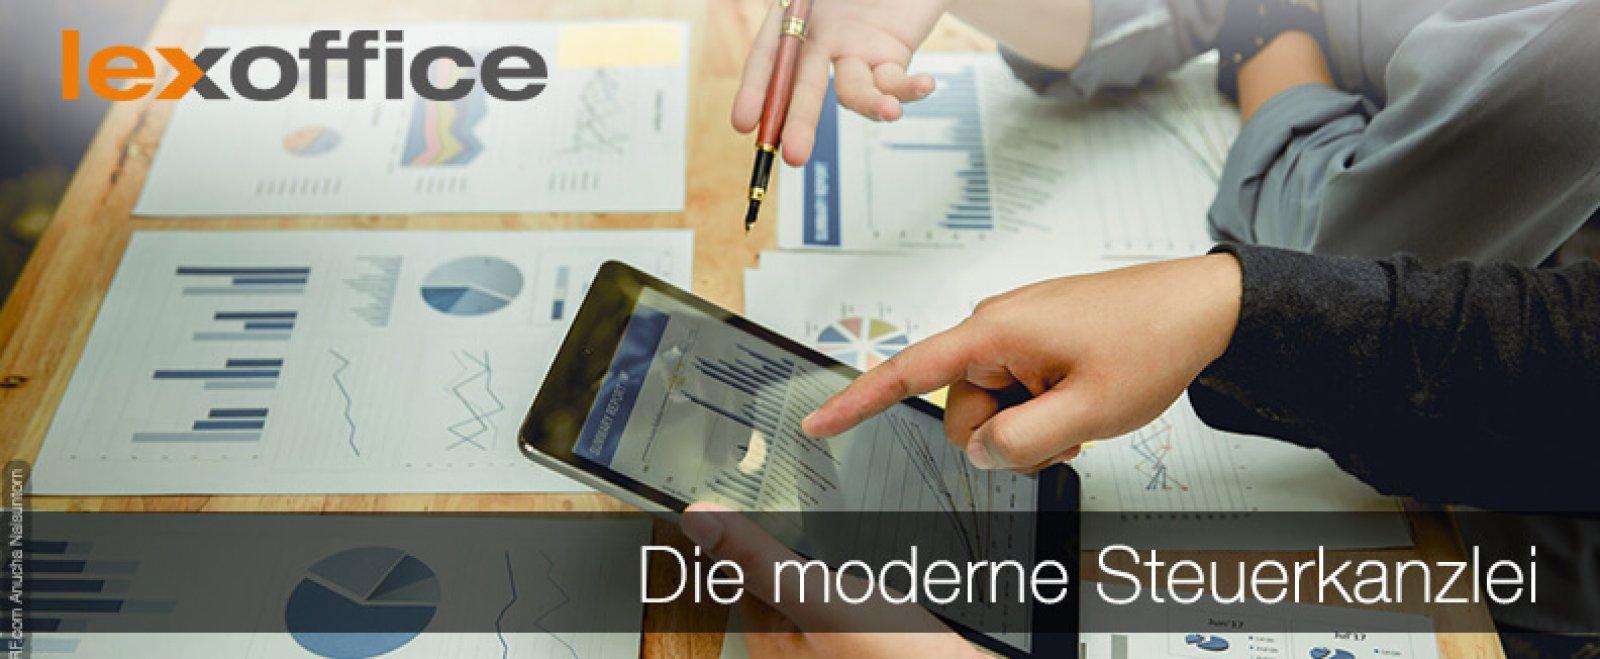 Die moderne Steuerkanzlei - wie innovativ sollte sie sein?